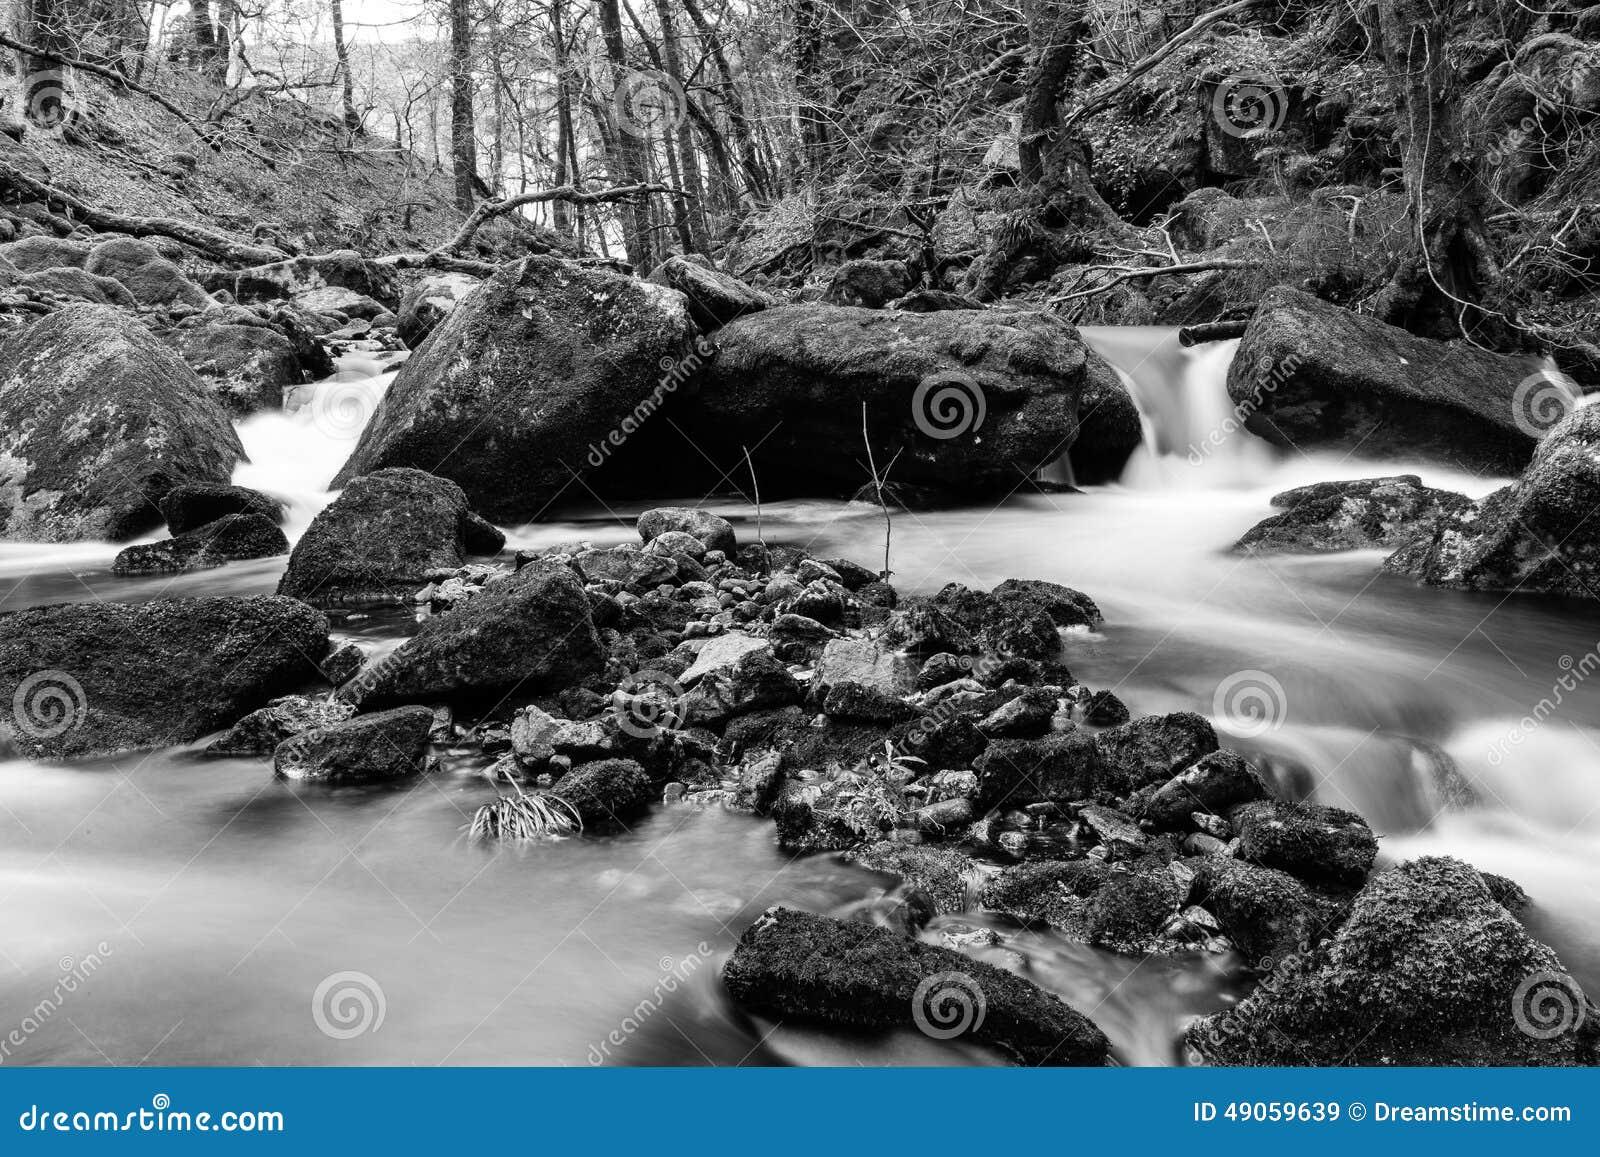 Dartmoor Black and White Landscape